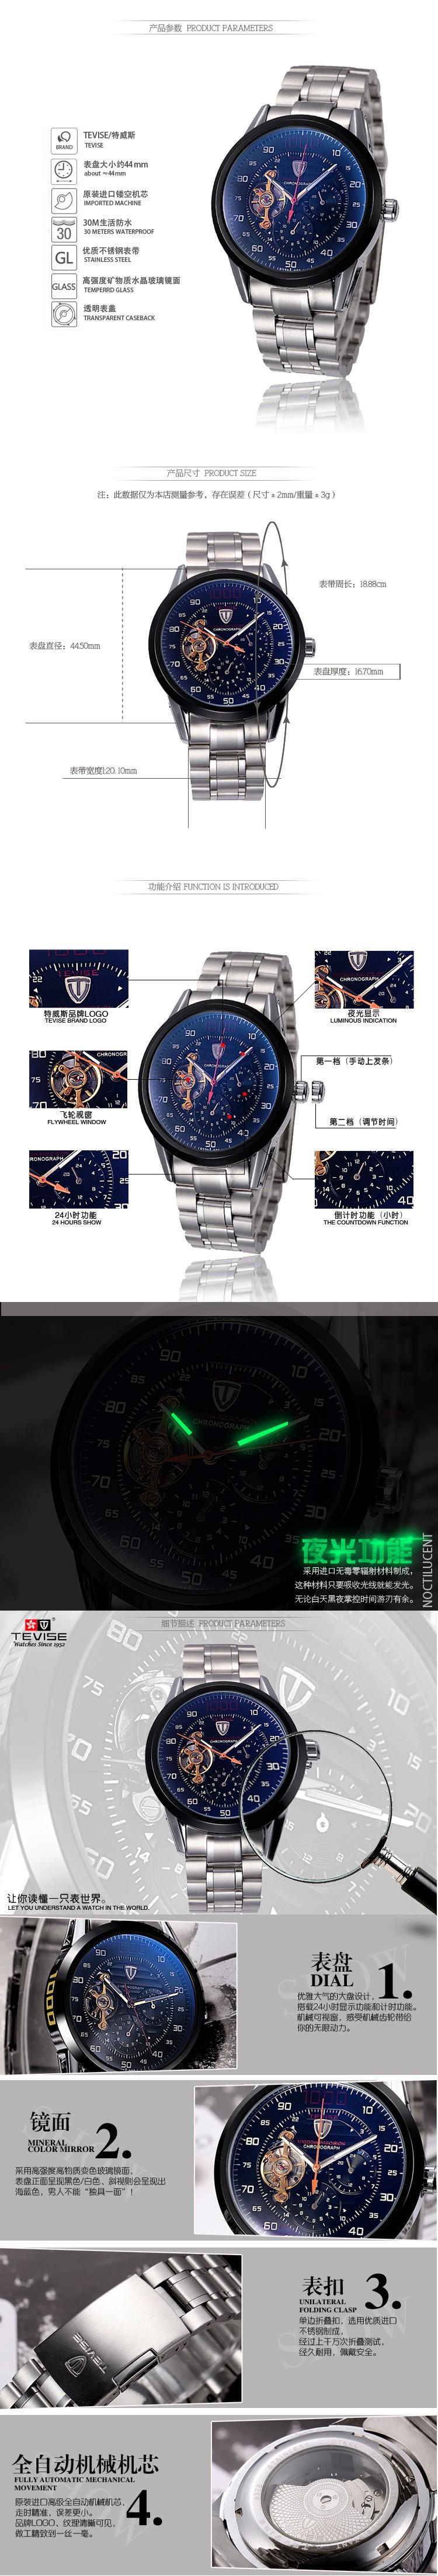 TEVISE Люксовый бренд мужская механические часы Симфония стеклянное Зеркало 30 м водонепроницаемый Автоматическая Мужчины наручные часы